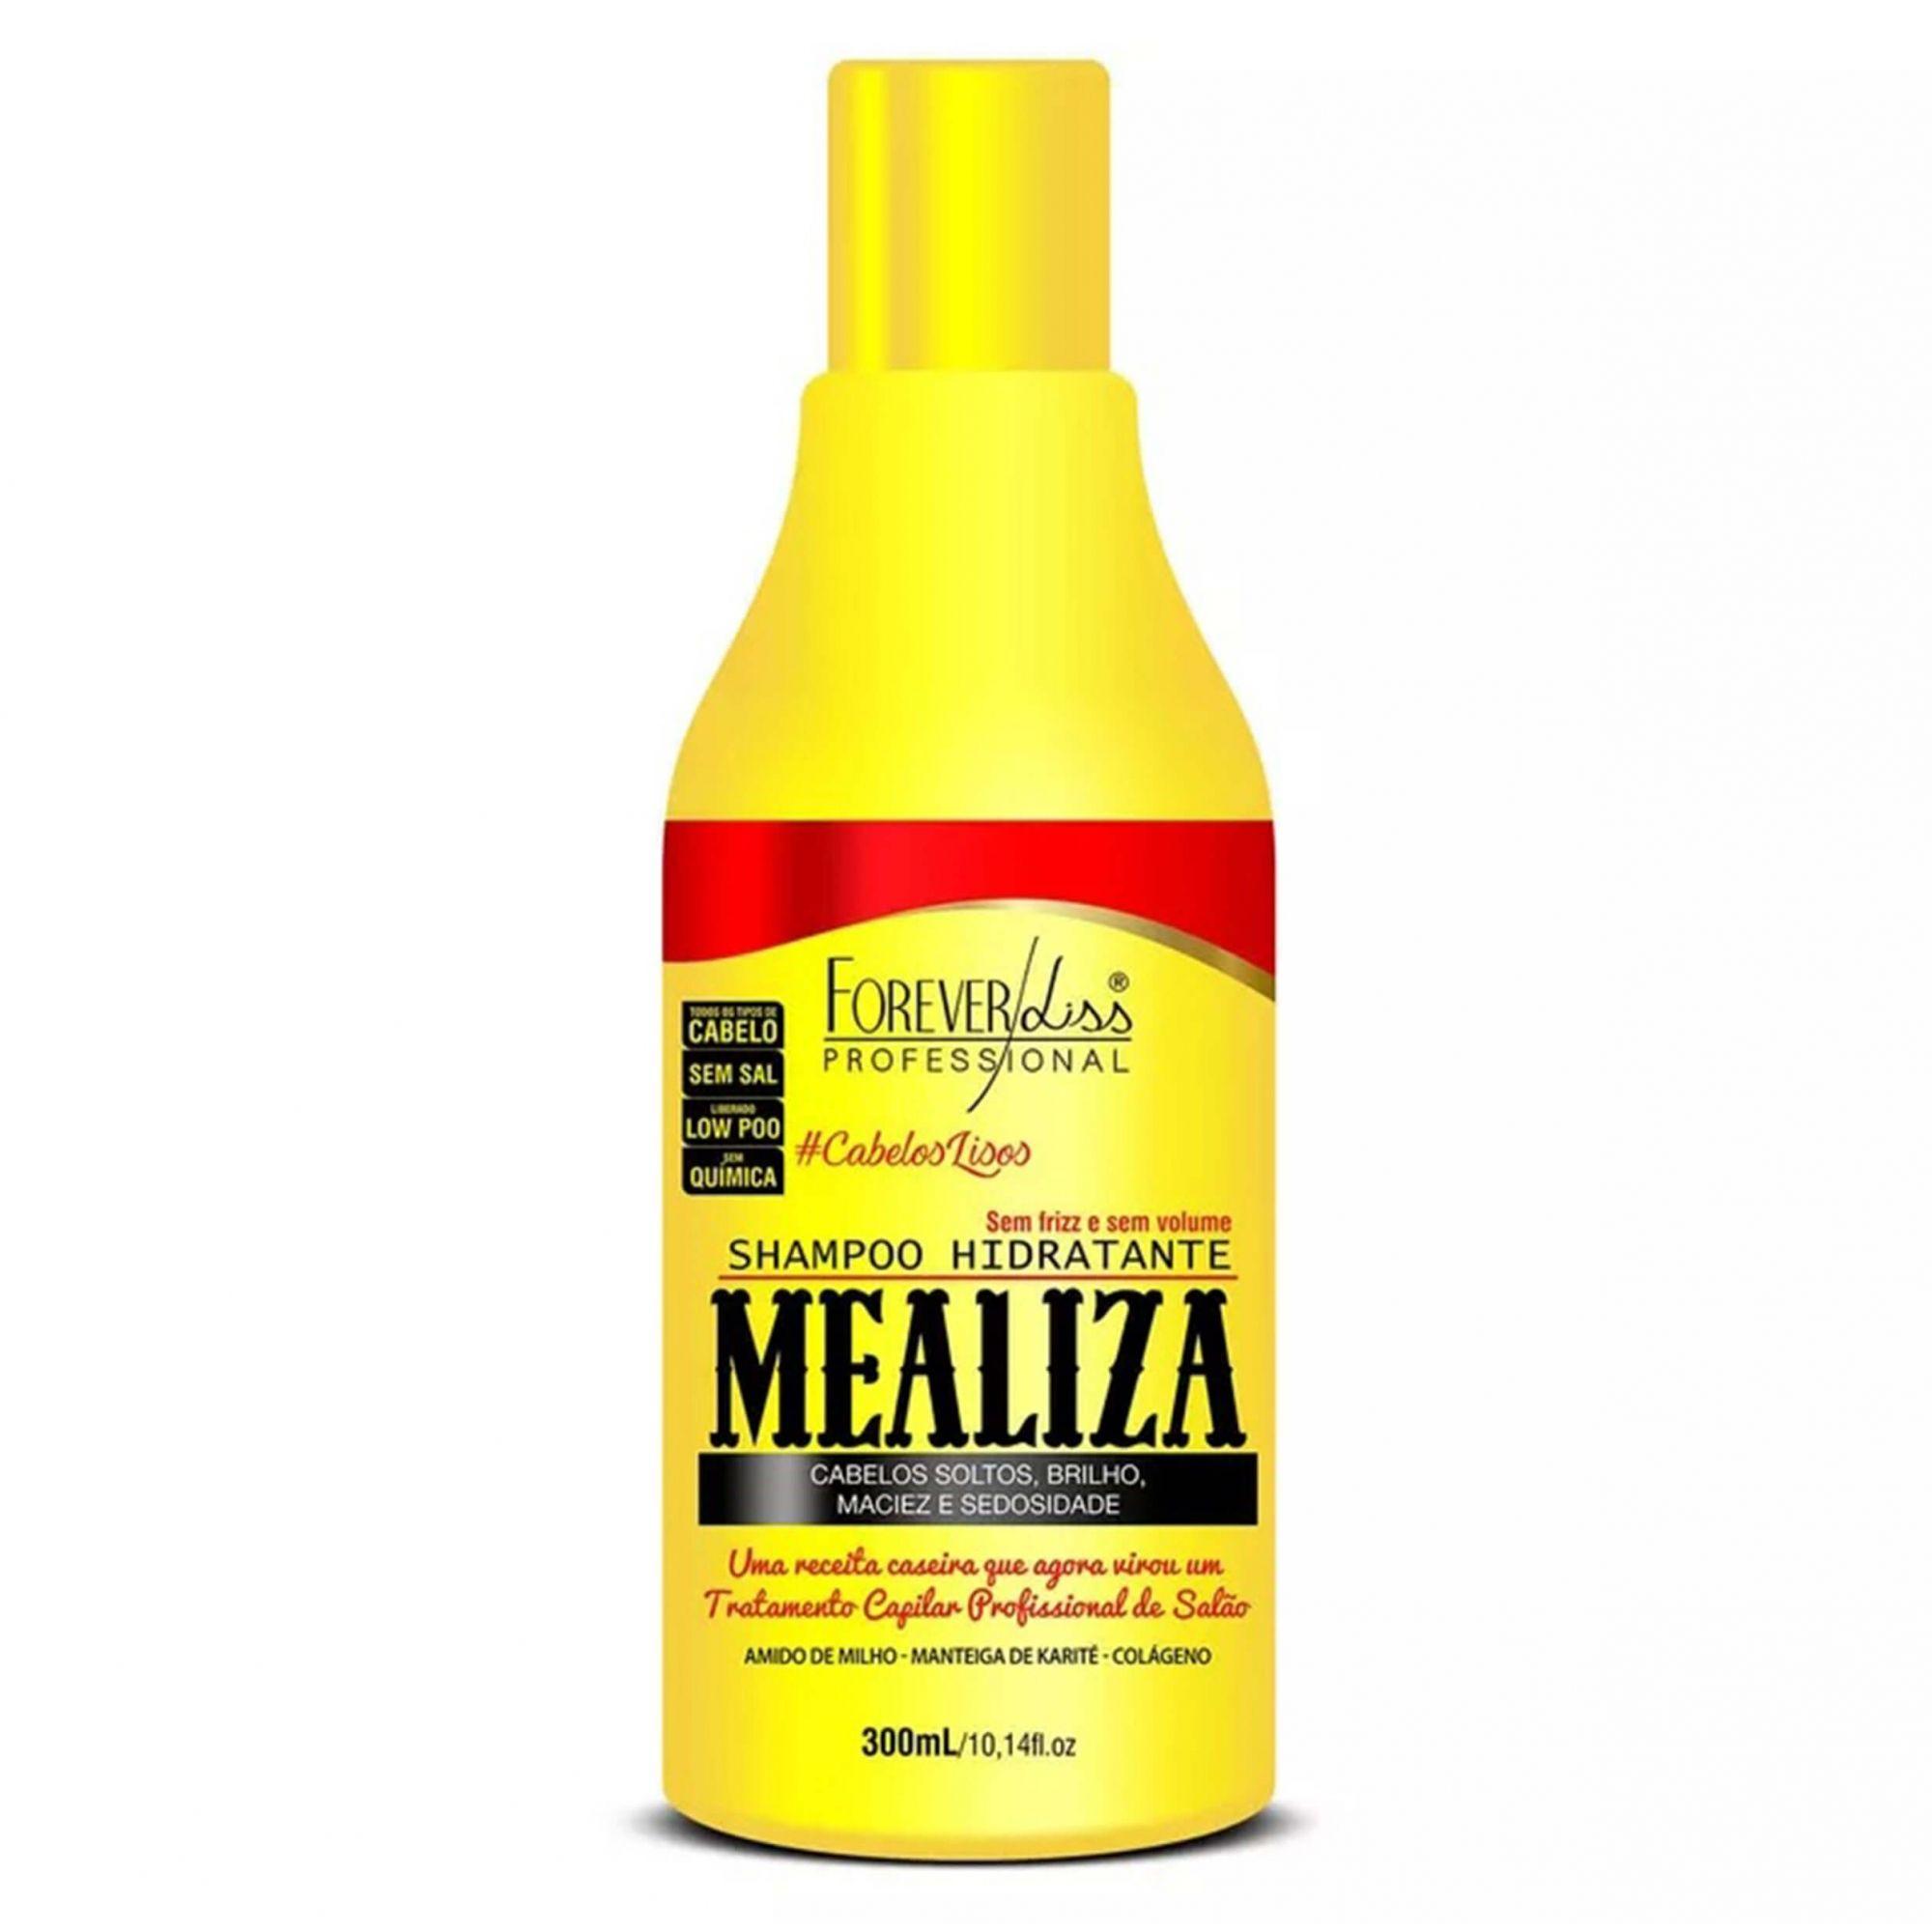 Shampoo Mealiza Forever Liss - 300ml